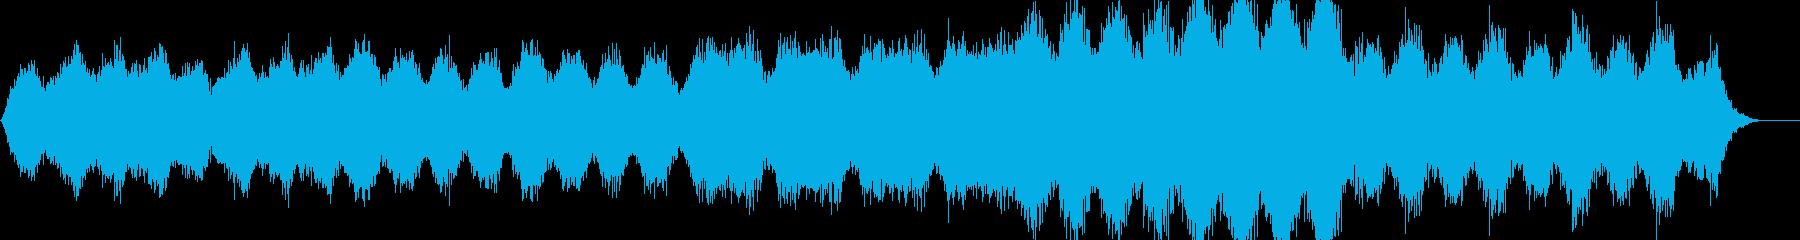 瞑想・ヒーリング的なクワイアの静かな曲の再生済みの波形